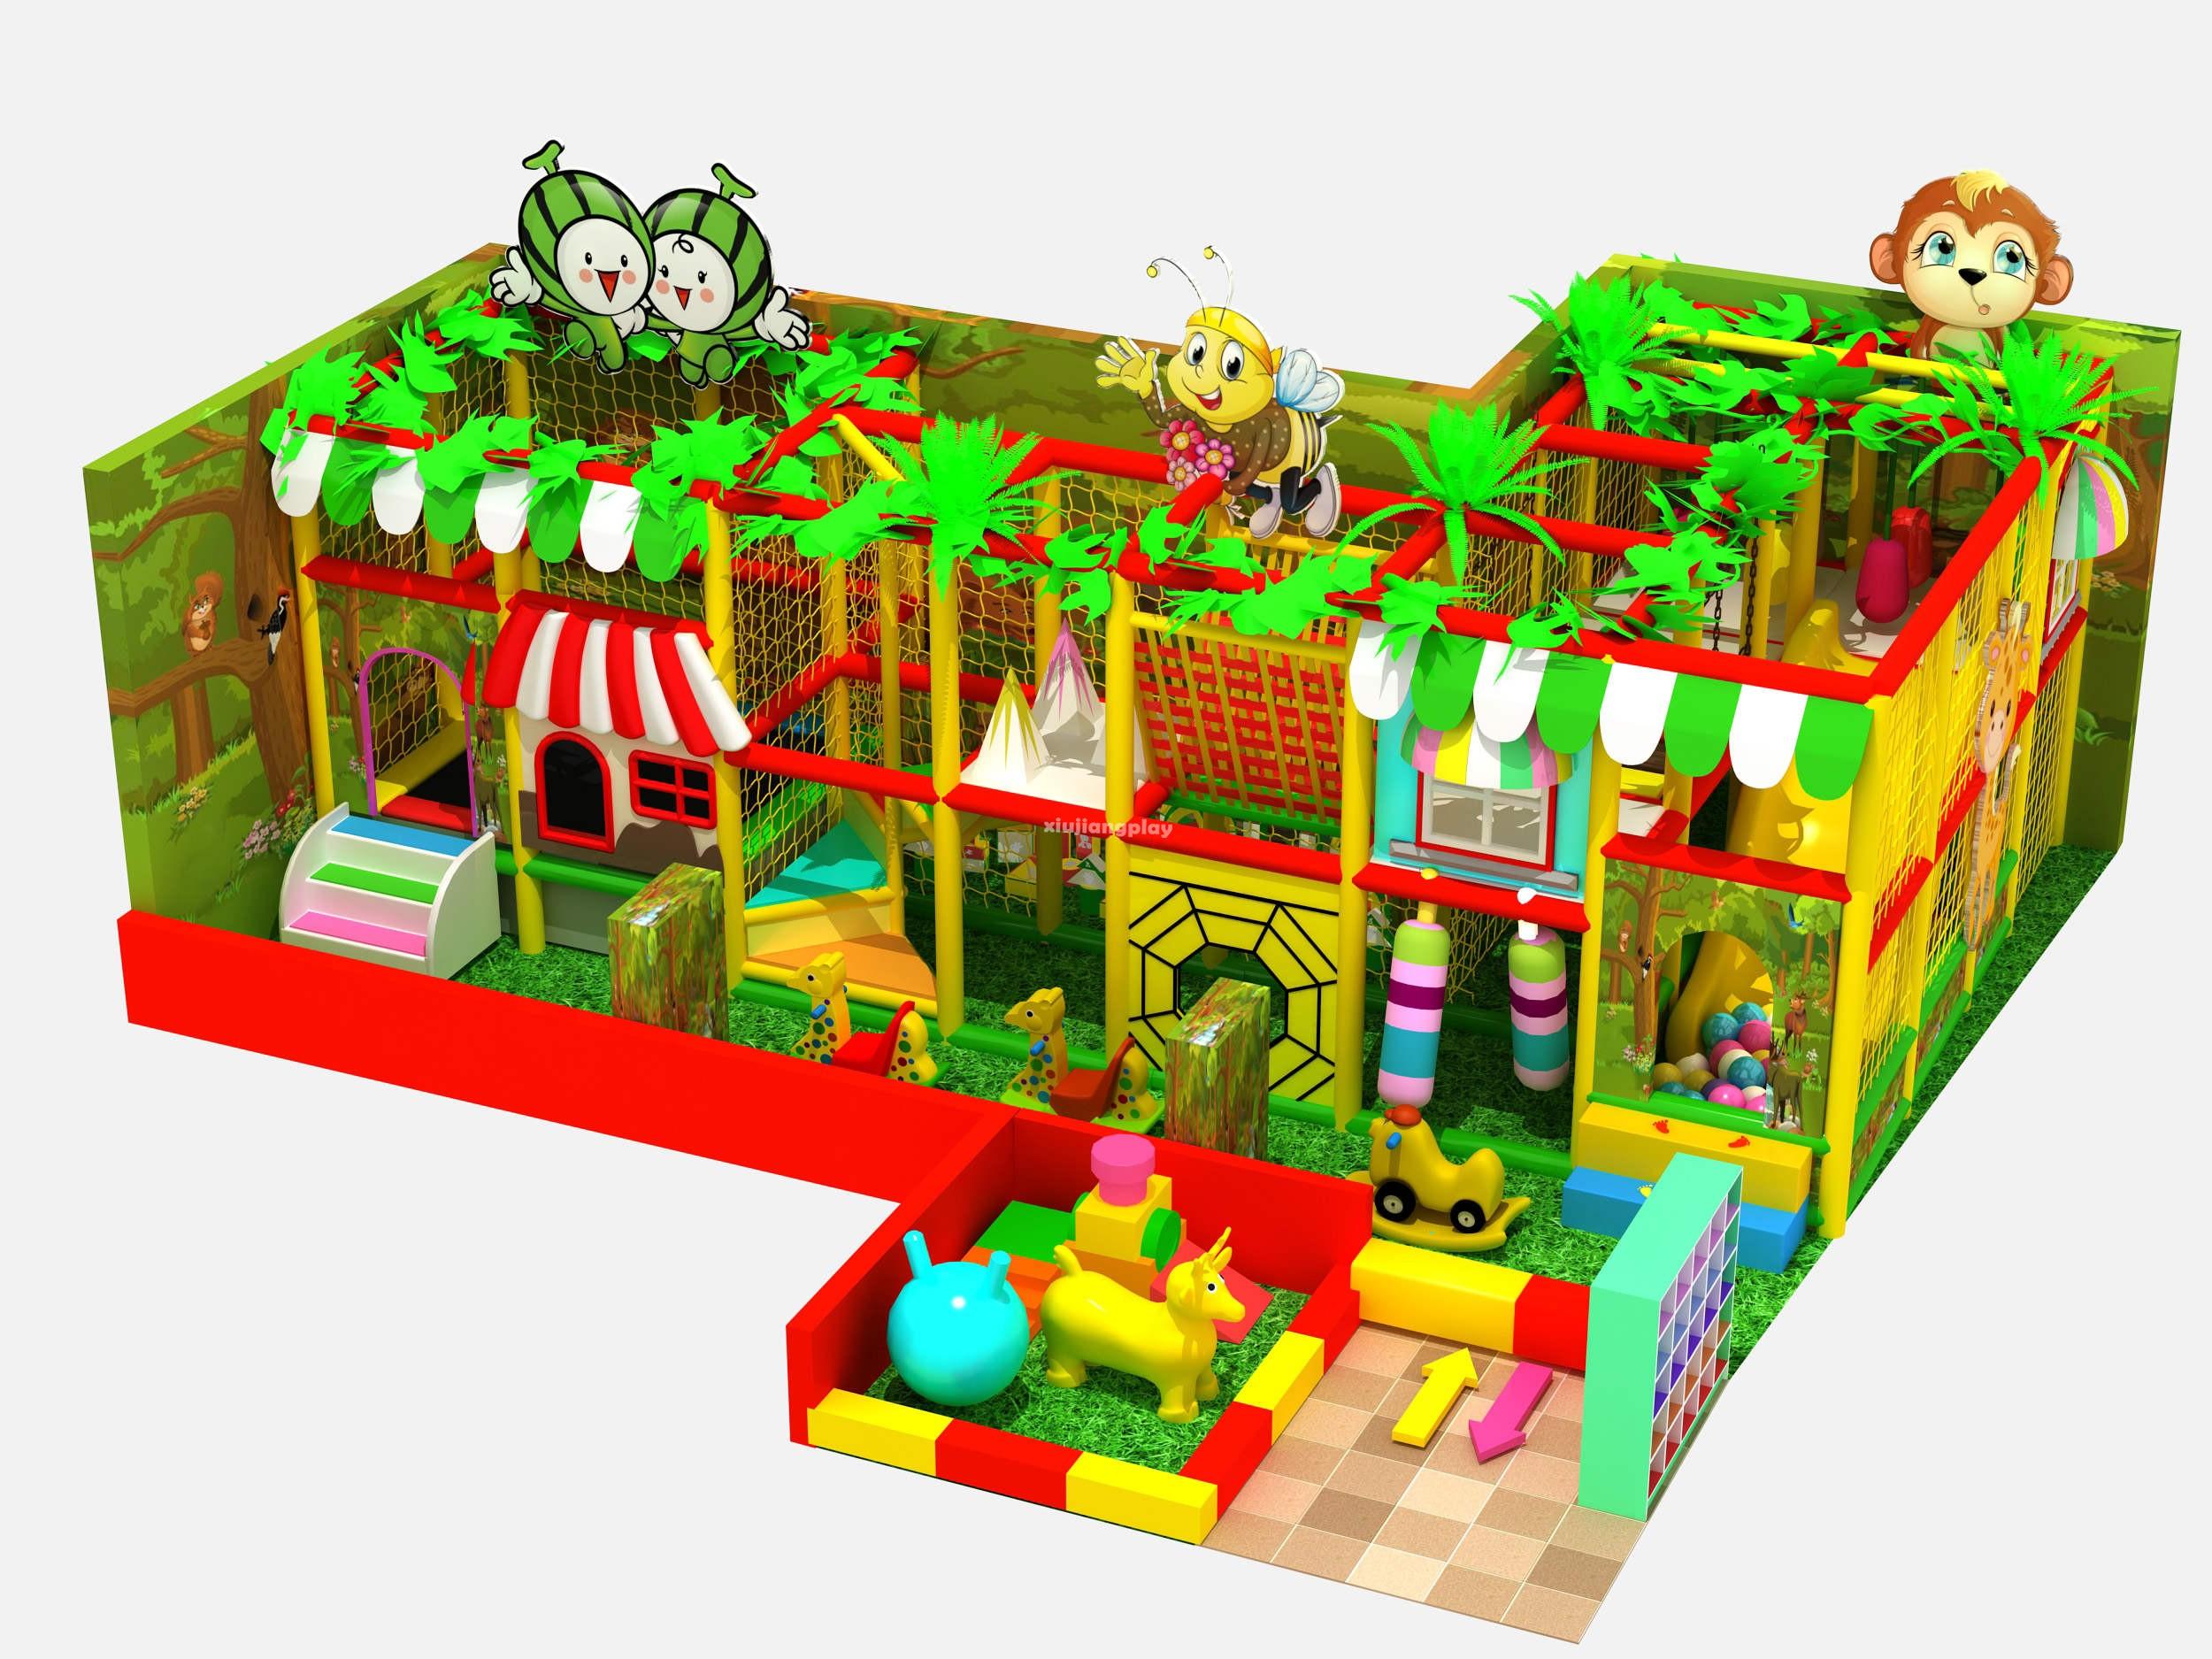 Kiddie Indoor Playground Equipment for Sale